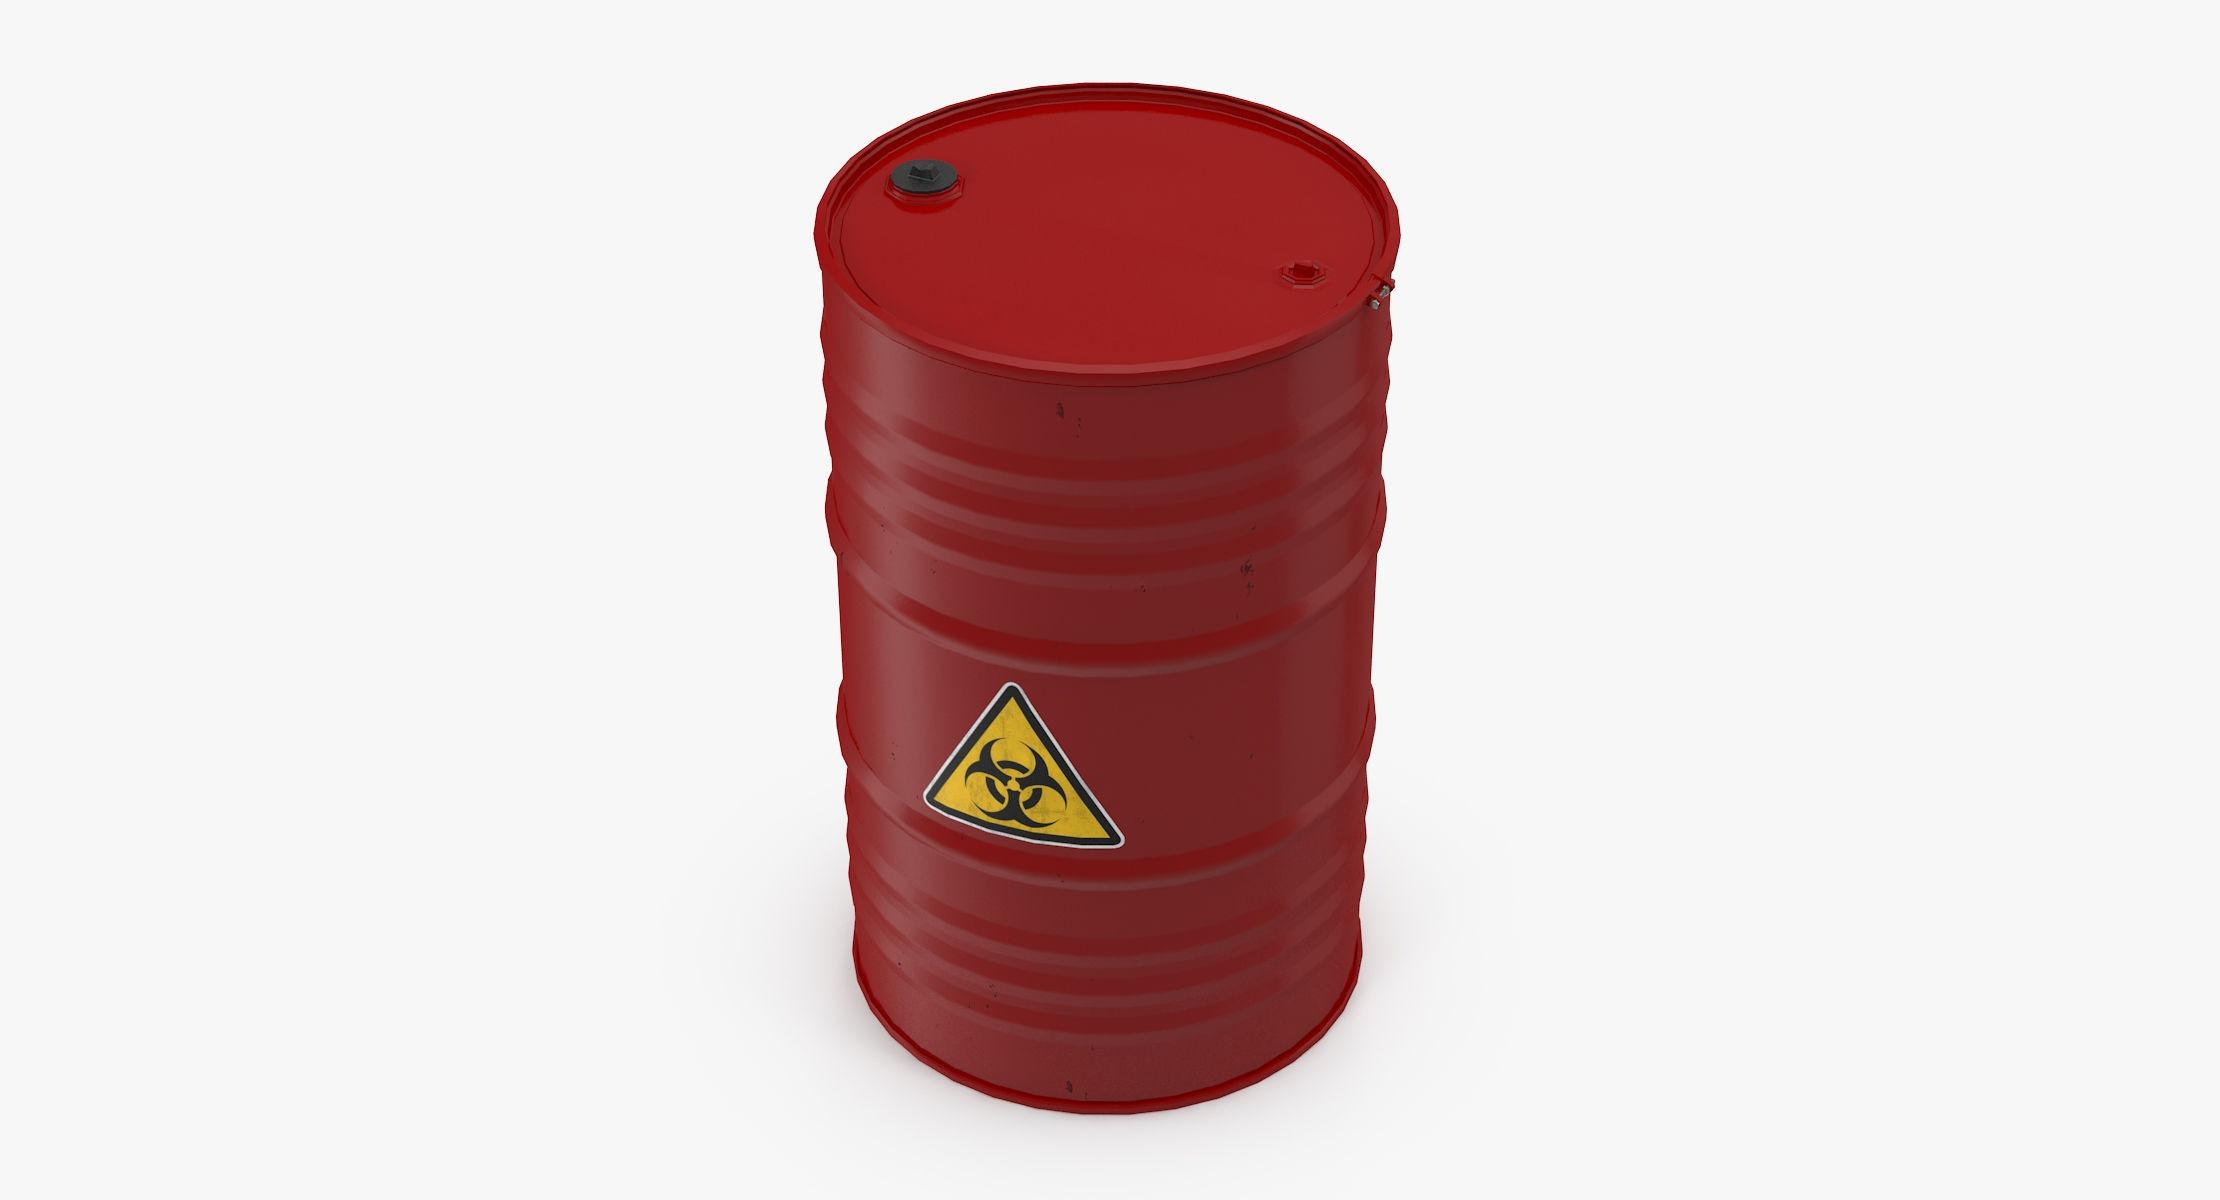 Biohazard Barrel - reel 1